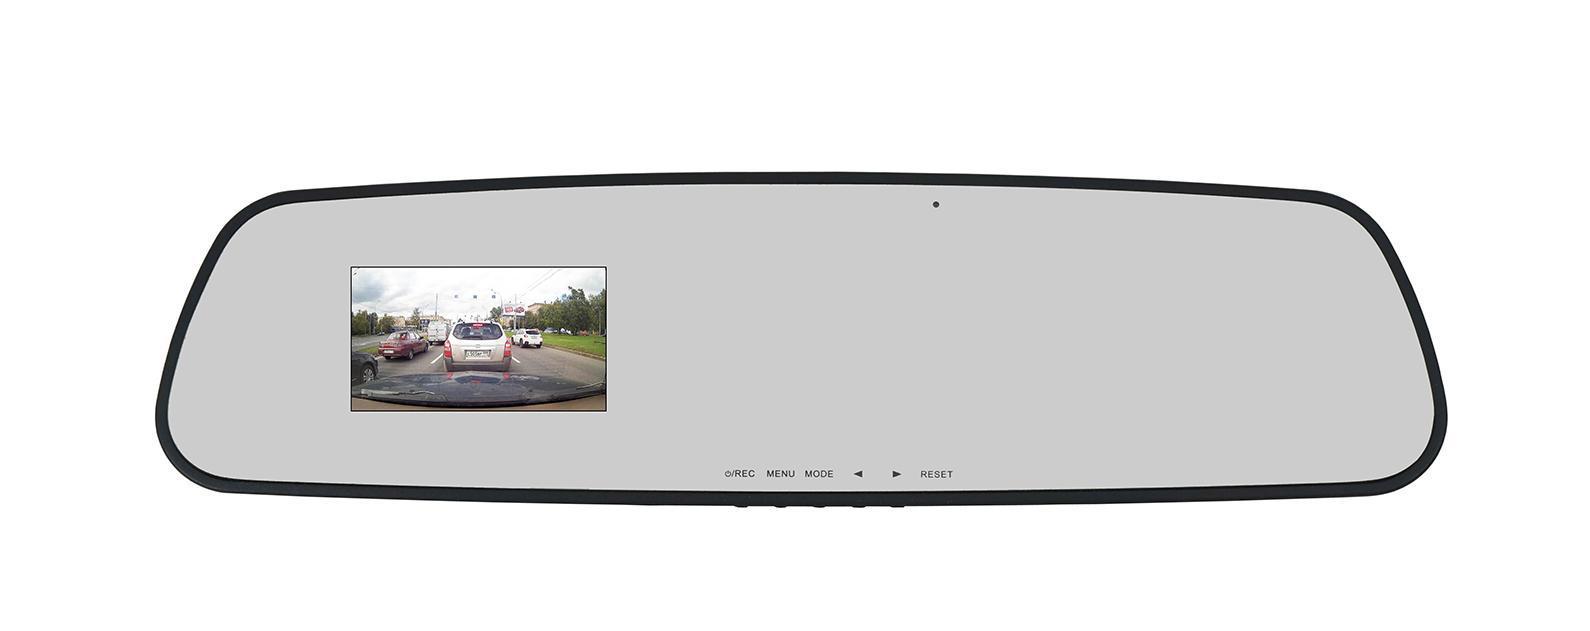 TrendVision TV-103 видеорегистраторTV-103TrendVision TV-103, автомобильный видеорегистратор, размещенный в корпусе зеркала заднего вида. Видеорегистратор устанавливается с помощью резиновых держателей на штатное зеркало заднего вида. Не мешает обзору, незаметен. Нет необходимости снимать и ставить. Камера регулируется по вертикали и горизонтали. Встроенный широкоформатный монитор 2.7 позволяет сориентировать видеокамеру и просмотреть видеозапись. Монитор автоматически отключается через заданное в меню время.G-сенсор (датчик удара) и тревожная кнопка позволяют защитить файлы от перезаписи. В случае необходимости, можно отключить запись звука нажатием на кнопку. Раздельная автоматическая дневная и ночная экспозиция.Видеорегистратор TrendVision TV-103 в корпусе зеркала заднего вида оснащен мощным процессором Ambarella и новой чувствительной матрицей (CMOS сенсор) OmniVision OV2710. Применение новой матрицы позволило обеспечить высокое качество записи даже в условиях недостаточной освещенности. FullHD качество 1920х1080 30 к/с.Реально широкий угол обзора позволяет фиксировать несколько полос движения в непосредственной близости от автомобиля.Видеорегистратор имеет встроенную аккумуляторную батарею и позволяет производить видеозапись без внешнего питания в течении 15-20 минут. Кроме того, установлена дополнительная часовая батарея. Можно не беспокоиться о сбросе даты и времени. На монитор видеорегистратора выводятся все основные данные: наложение даты и времени на запись, режим записи, длительность записанного ролика, параметры экспозиции, состояние микрофона и питания. Меню очень понятное и крупное.TV-103 имеет внутреннюю память 512Мб. При необходимости можно сделать копию любого ролика длительностью до 7 минут в максимальном разрешении. Так называемая копия для протокола. Для этого достаточно скопировать лолик во внутреннюю память. Затем установить новую карту памяти и скопировать ролик на нее.Дополнительно к TV-103 можно подключить выносной блок приемника GPS. Он уста